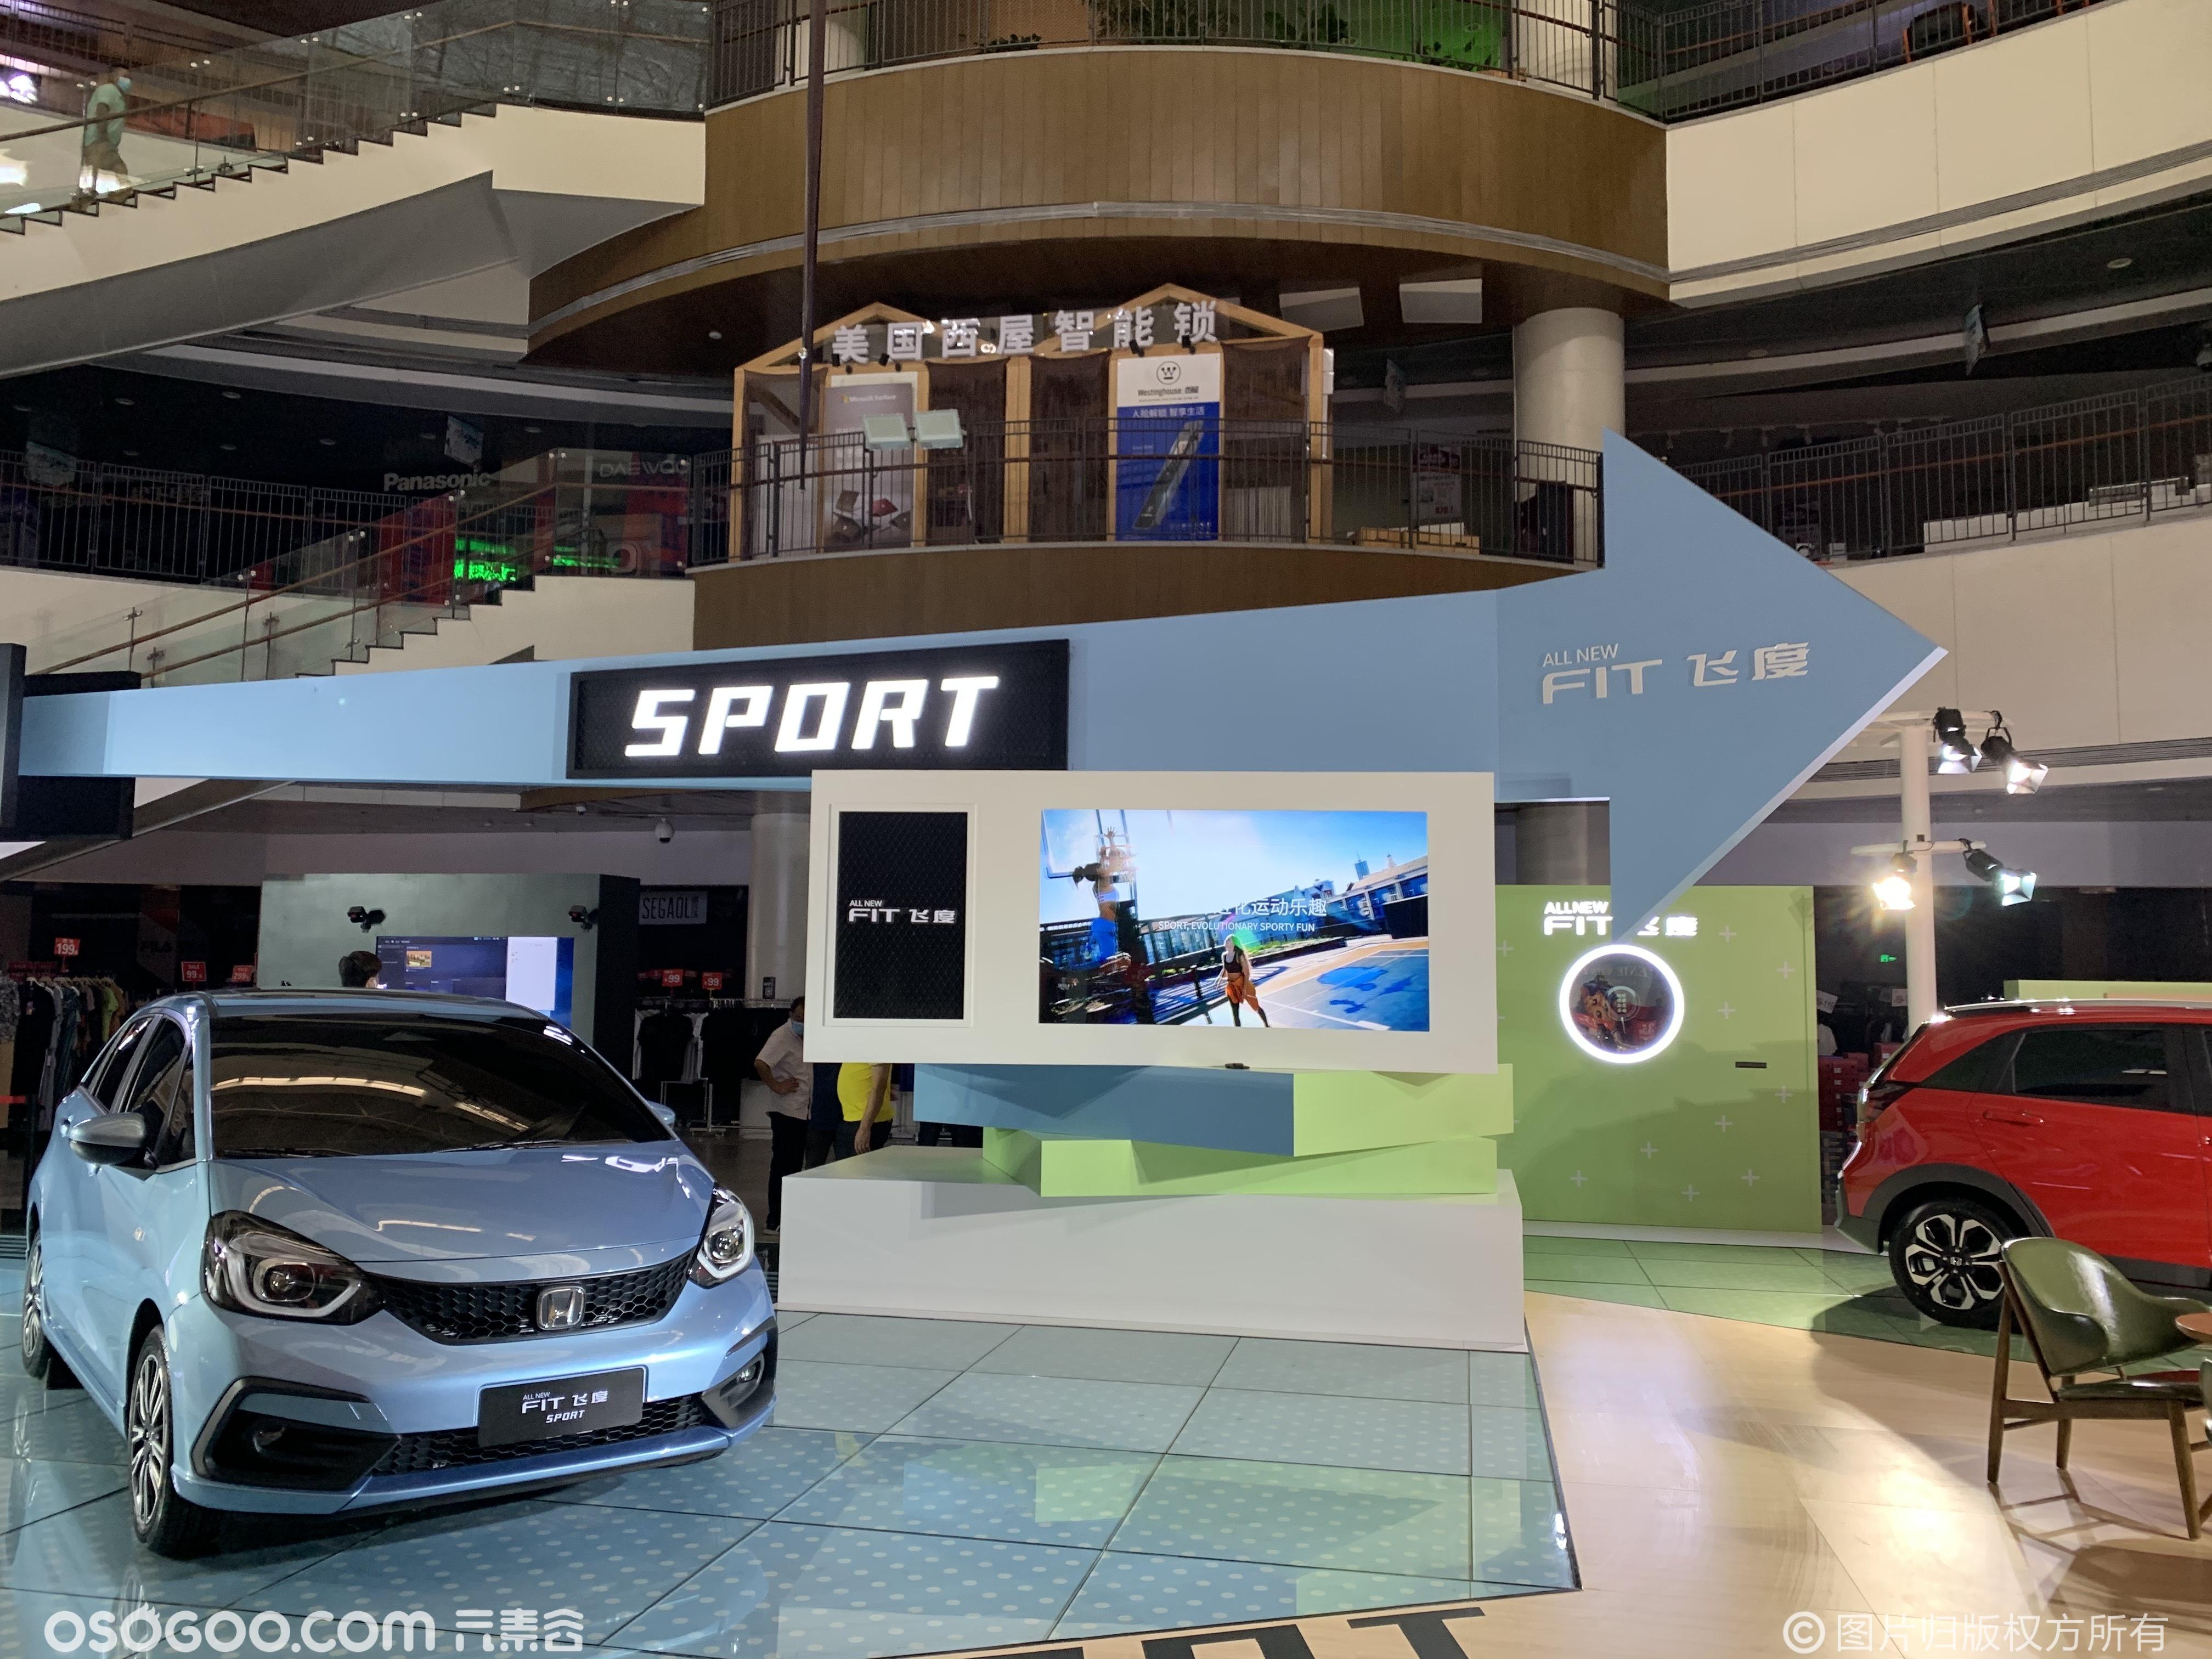 车展活动暖场互动设备,飞度新品巡展使用的暖场互动设备